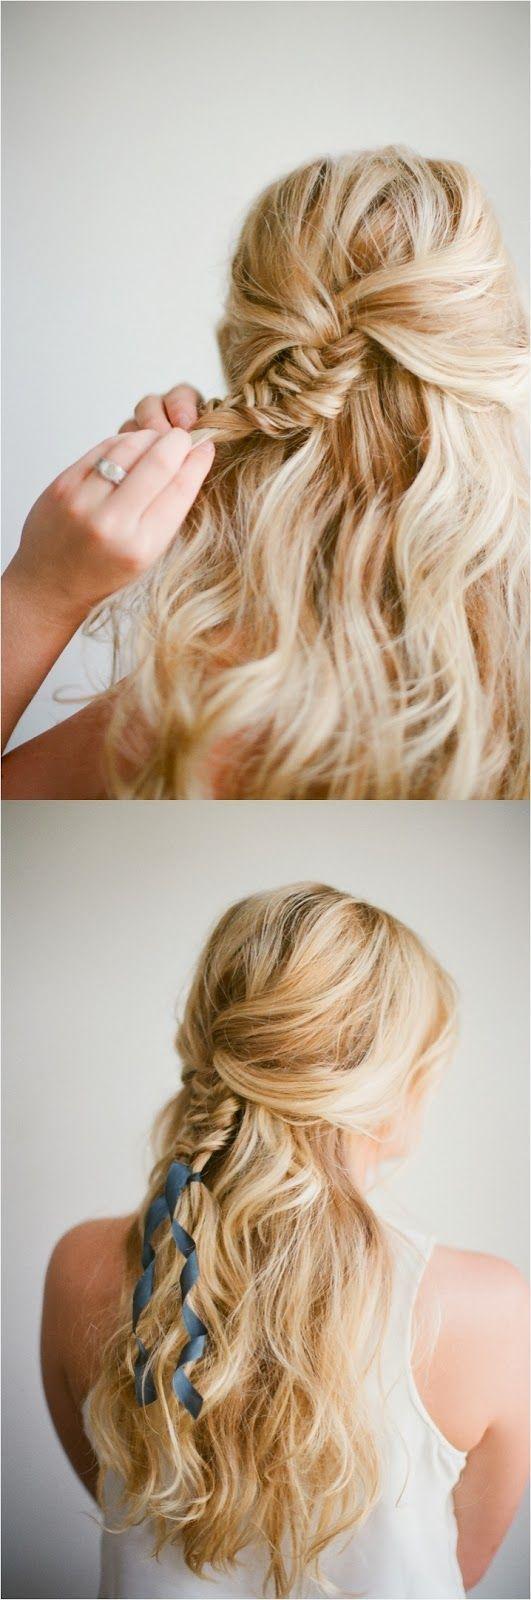 Hübsche Frisuren mit Bändern – Locken mit dunkel…